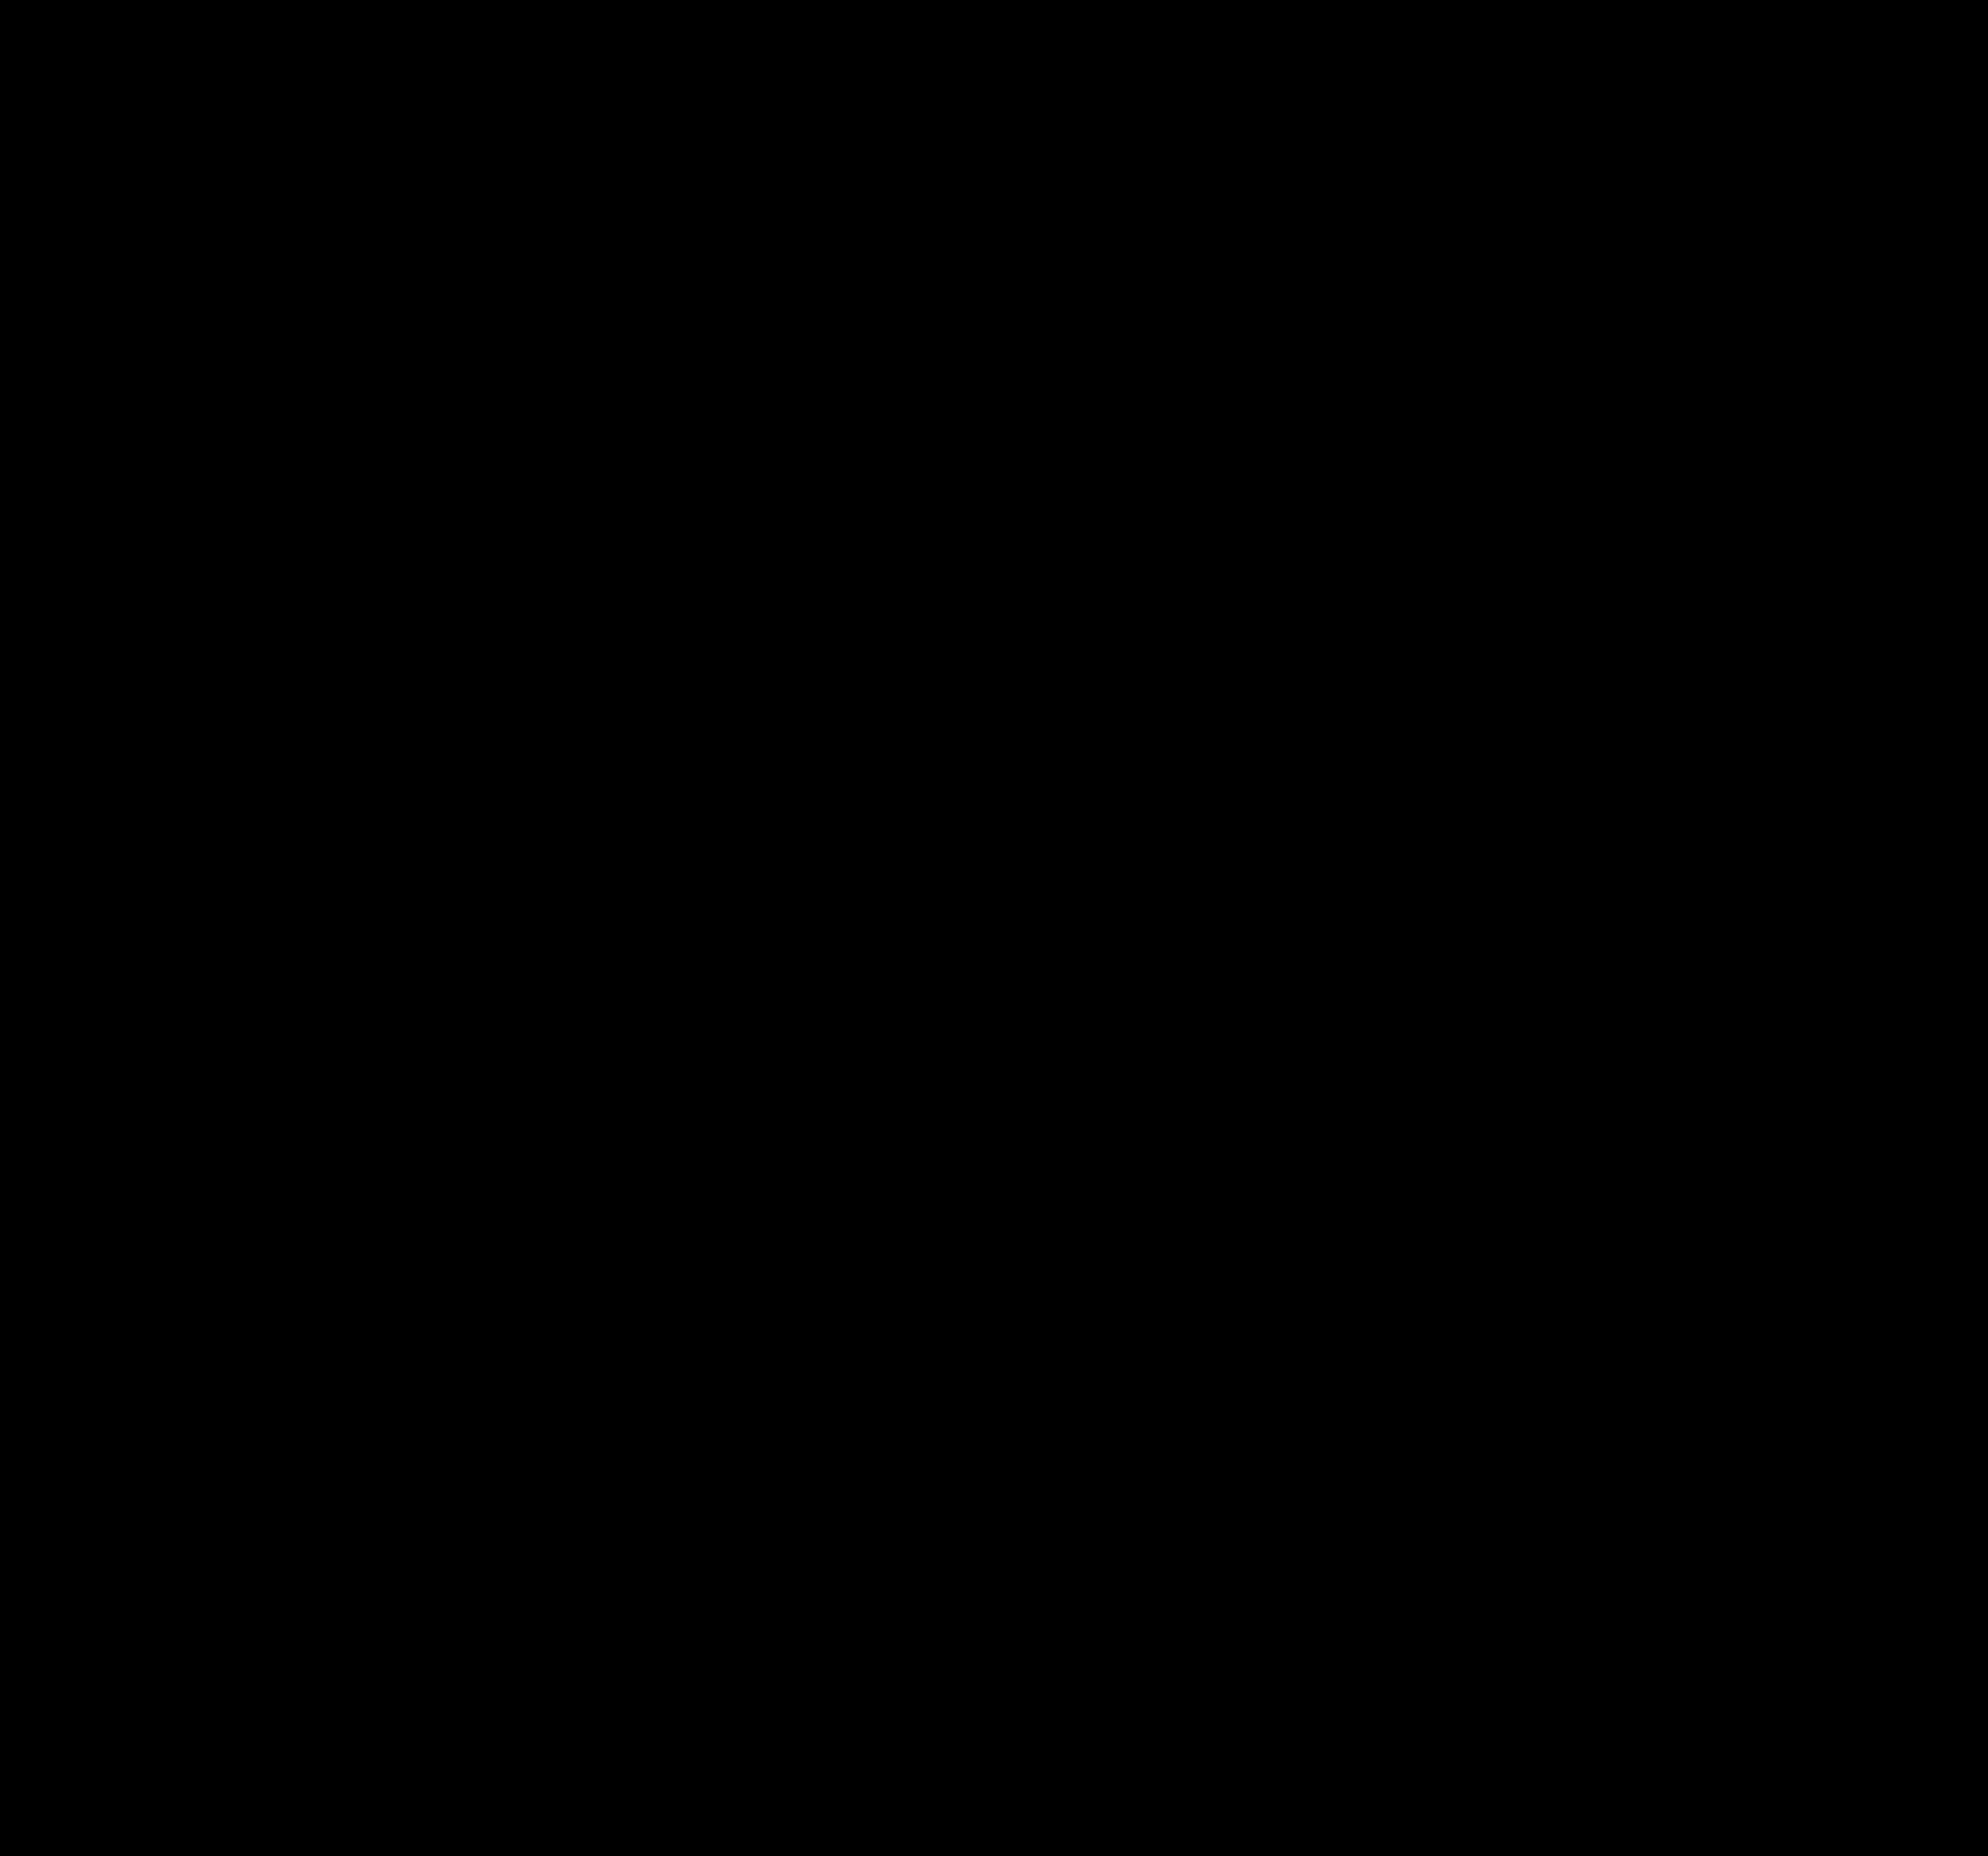 495_logo1406.png -